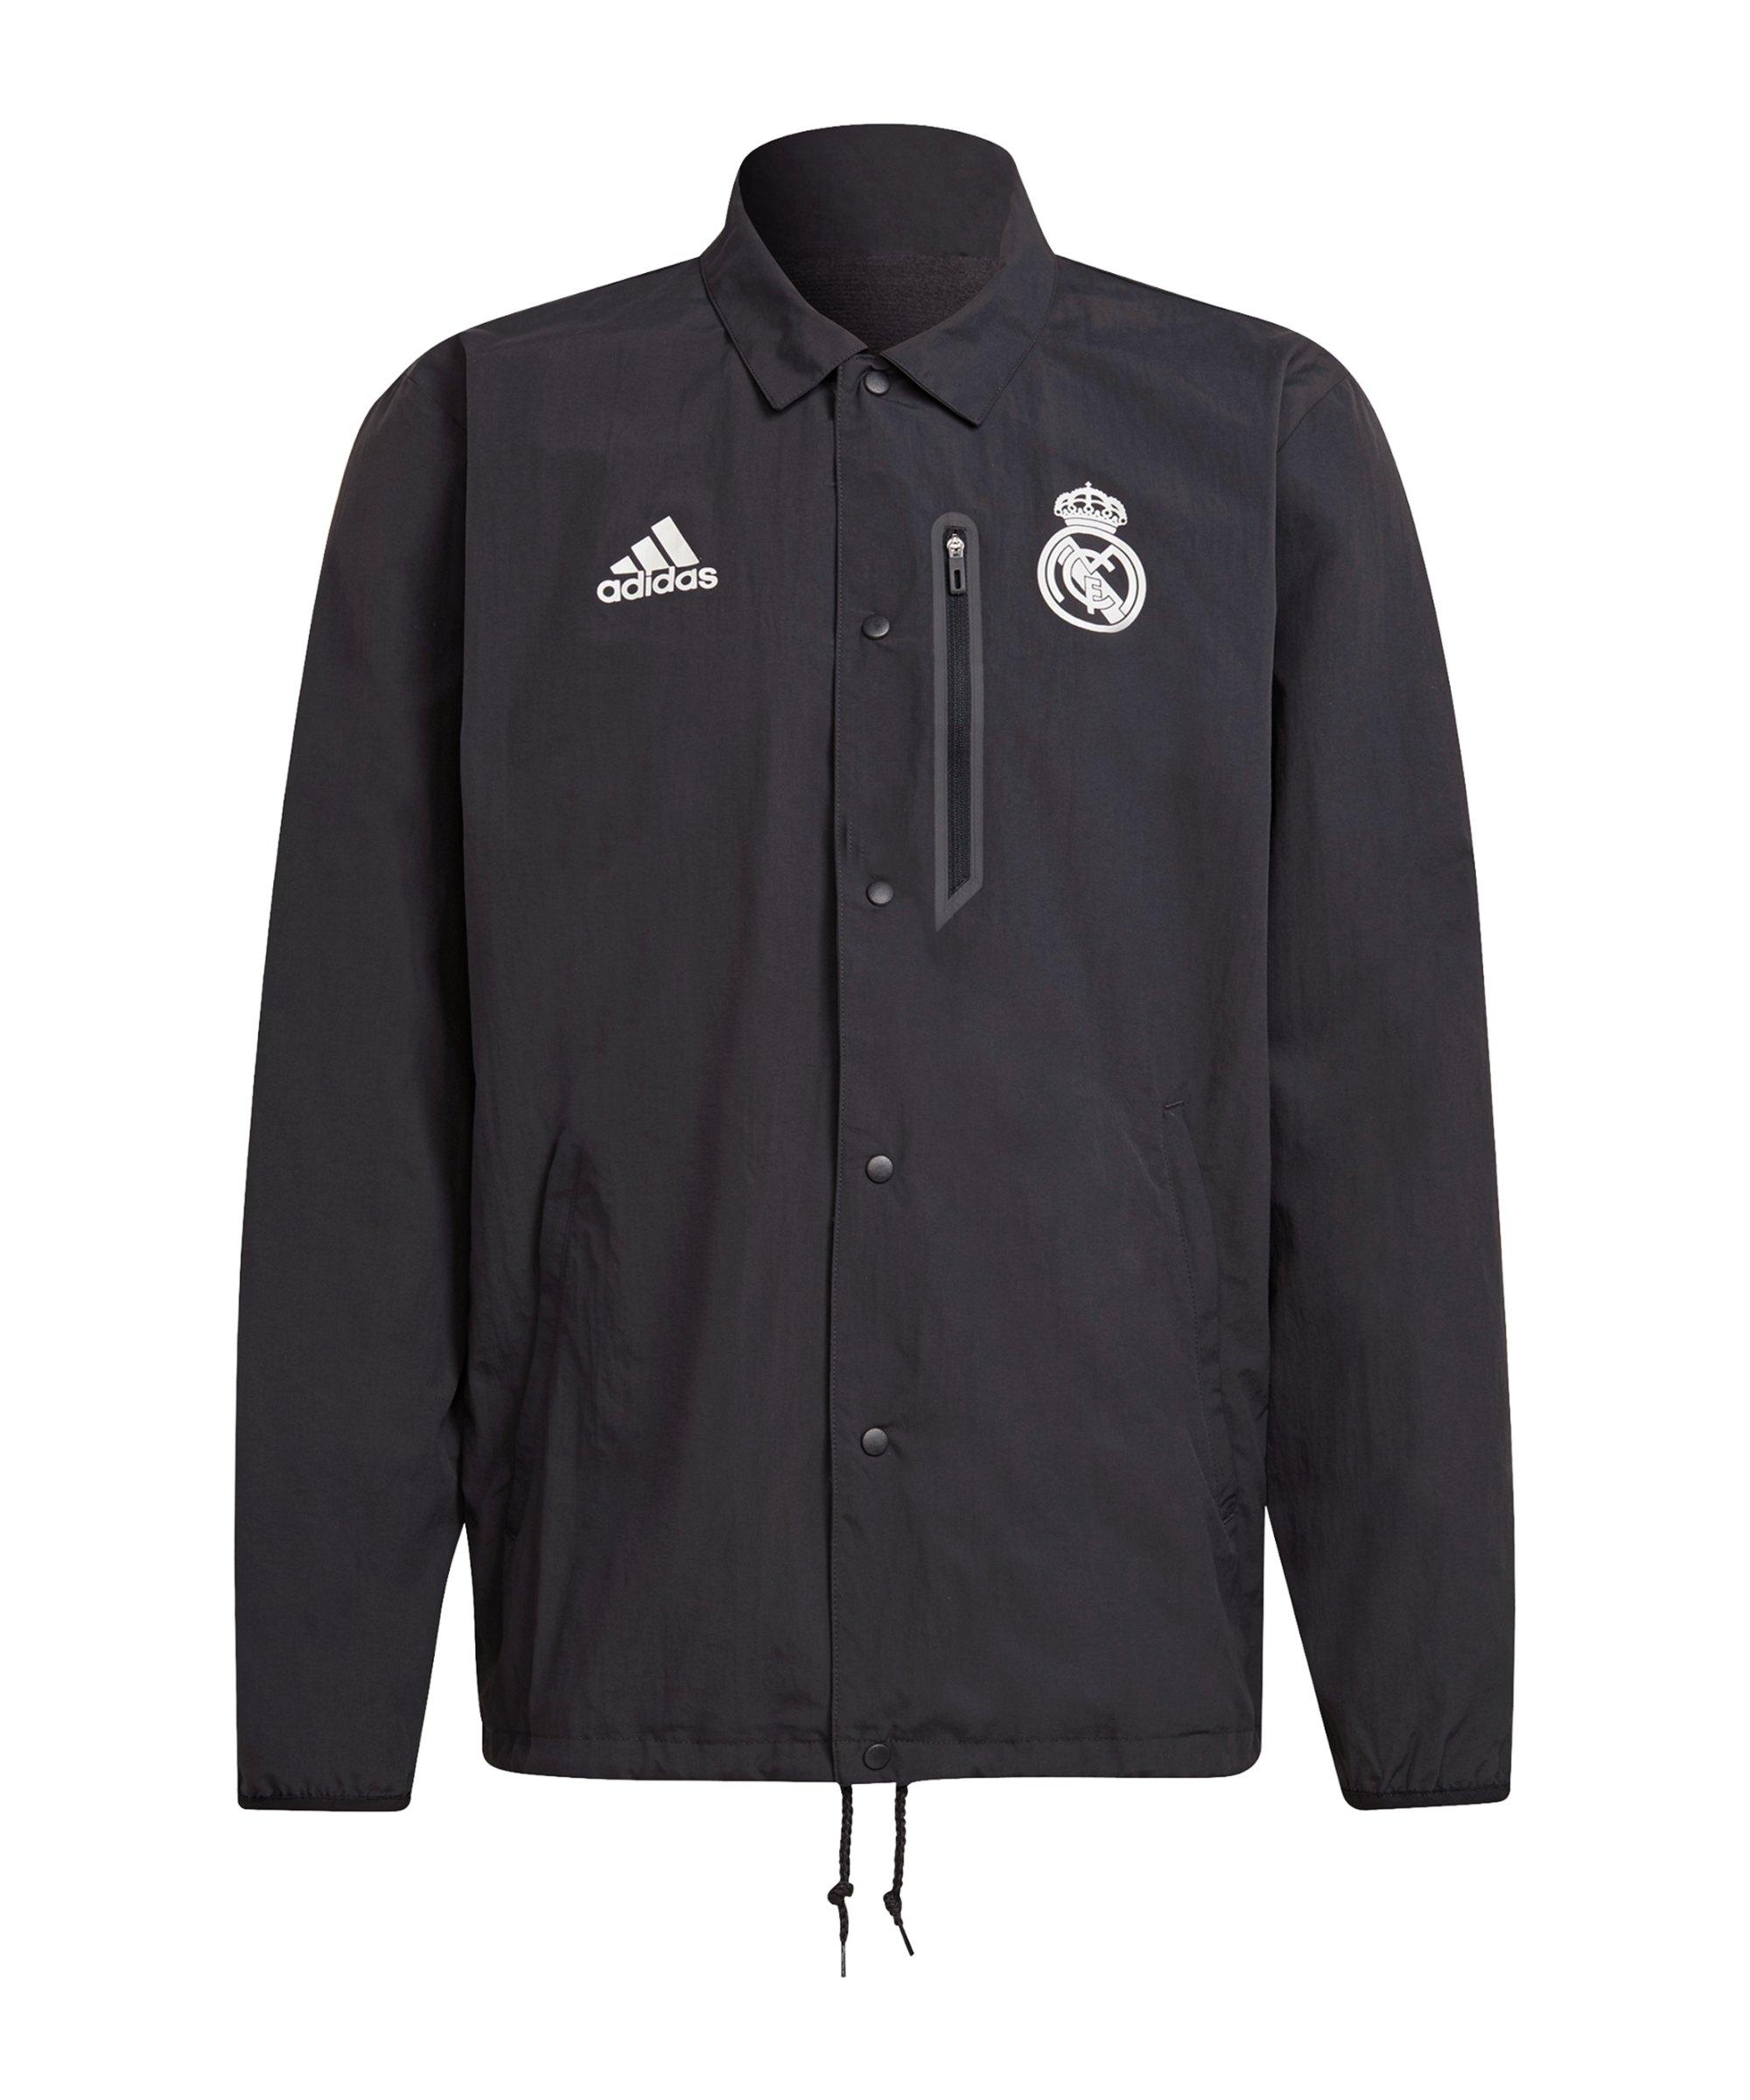 adidas Real Madrid Coachjacke Schwarz - schwarz